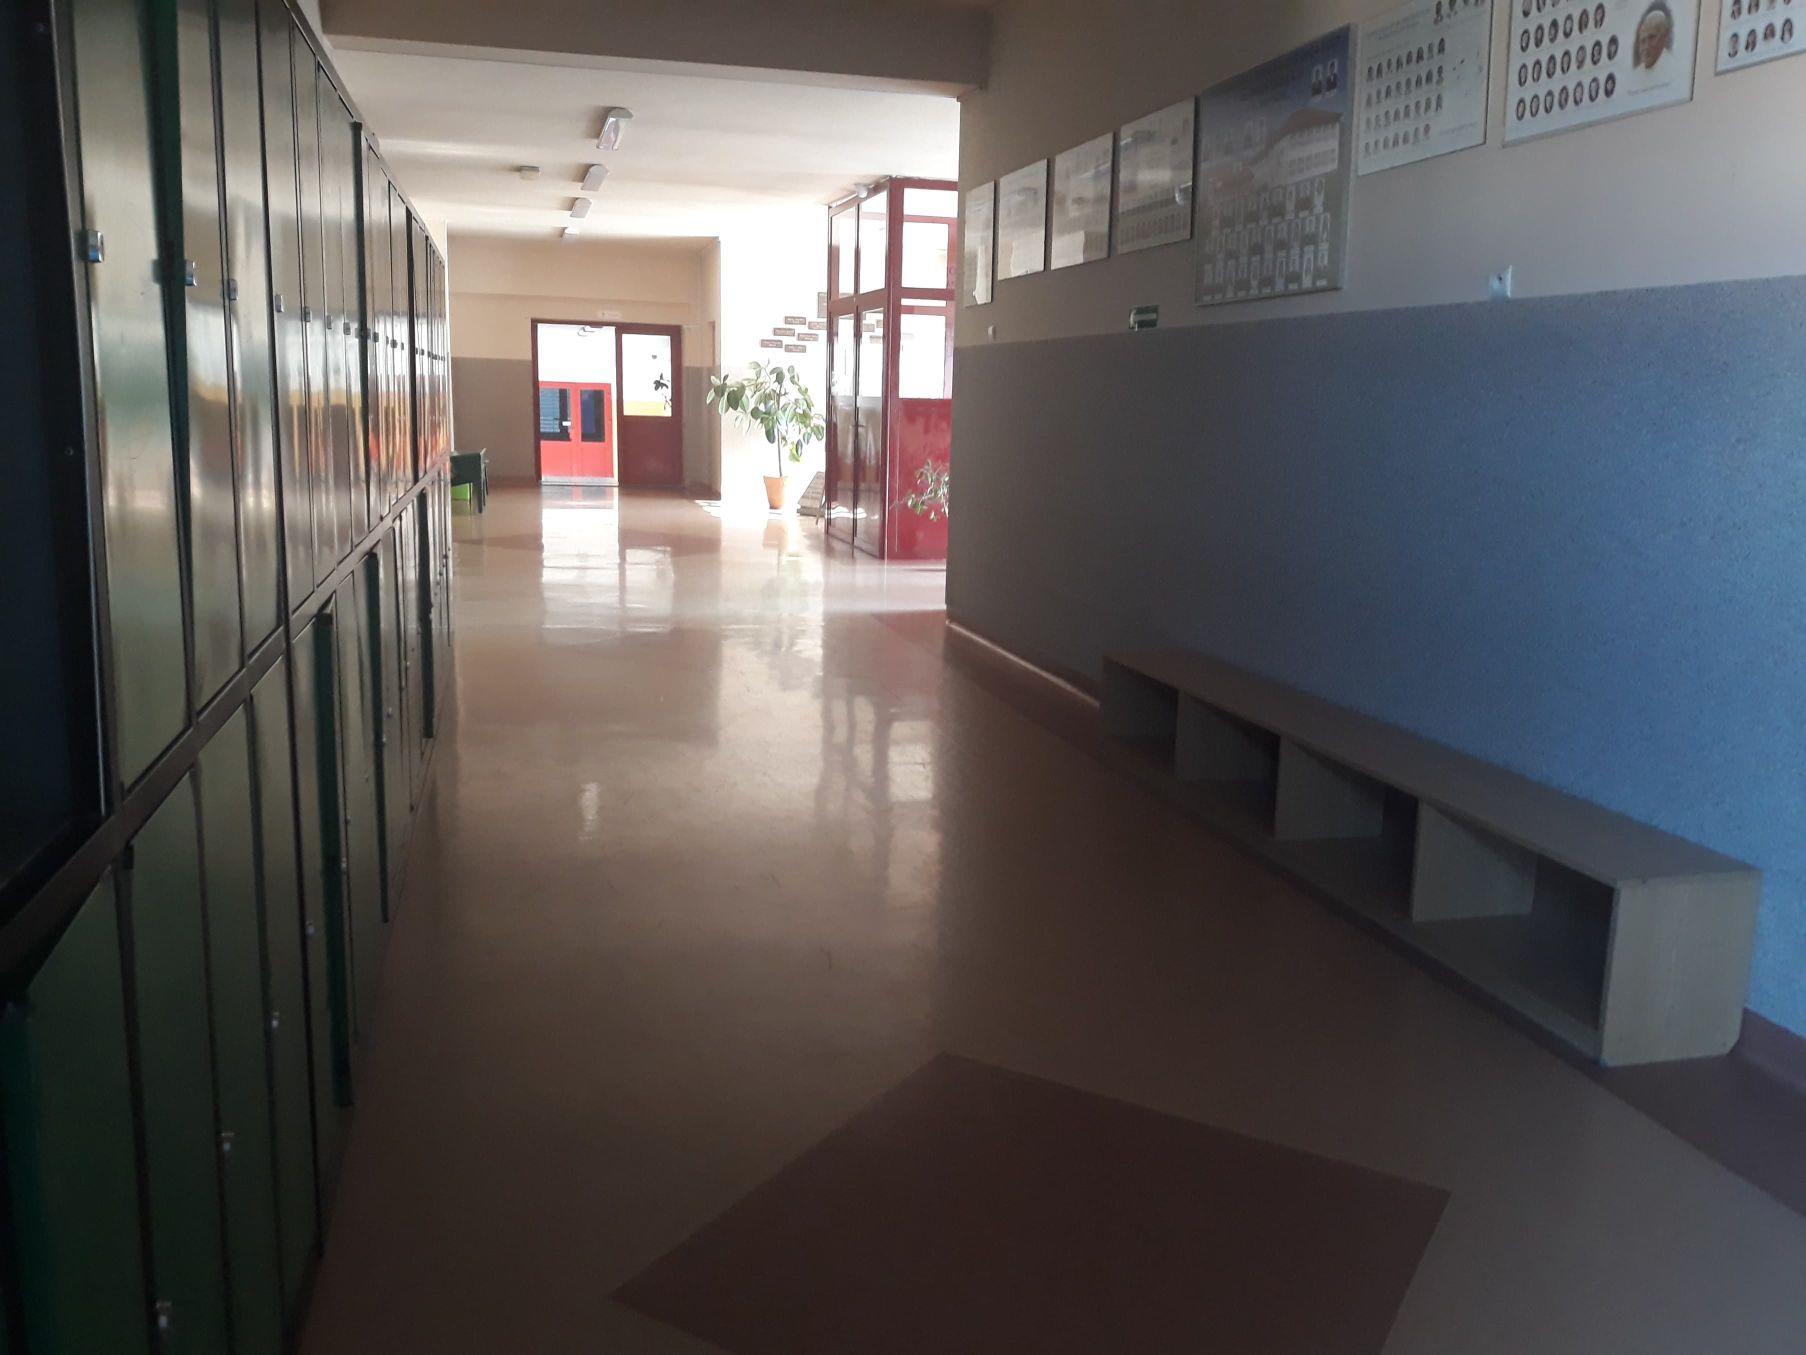 We wrześniu uczniowie na pewno wrócą do szkół